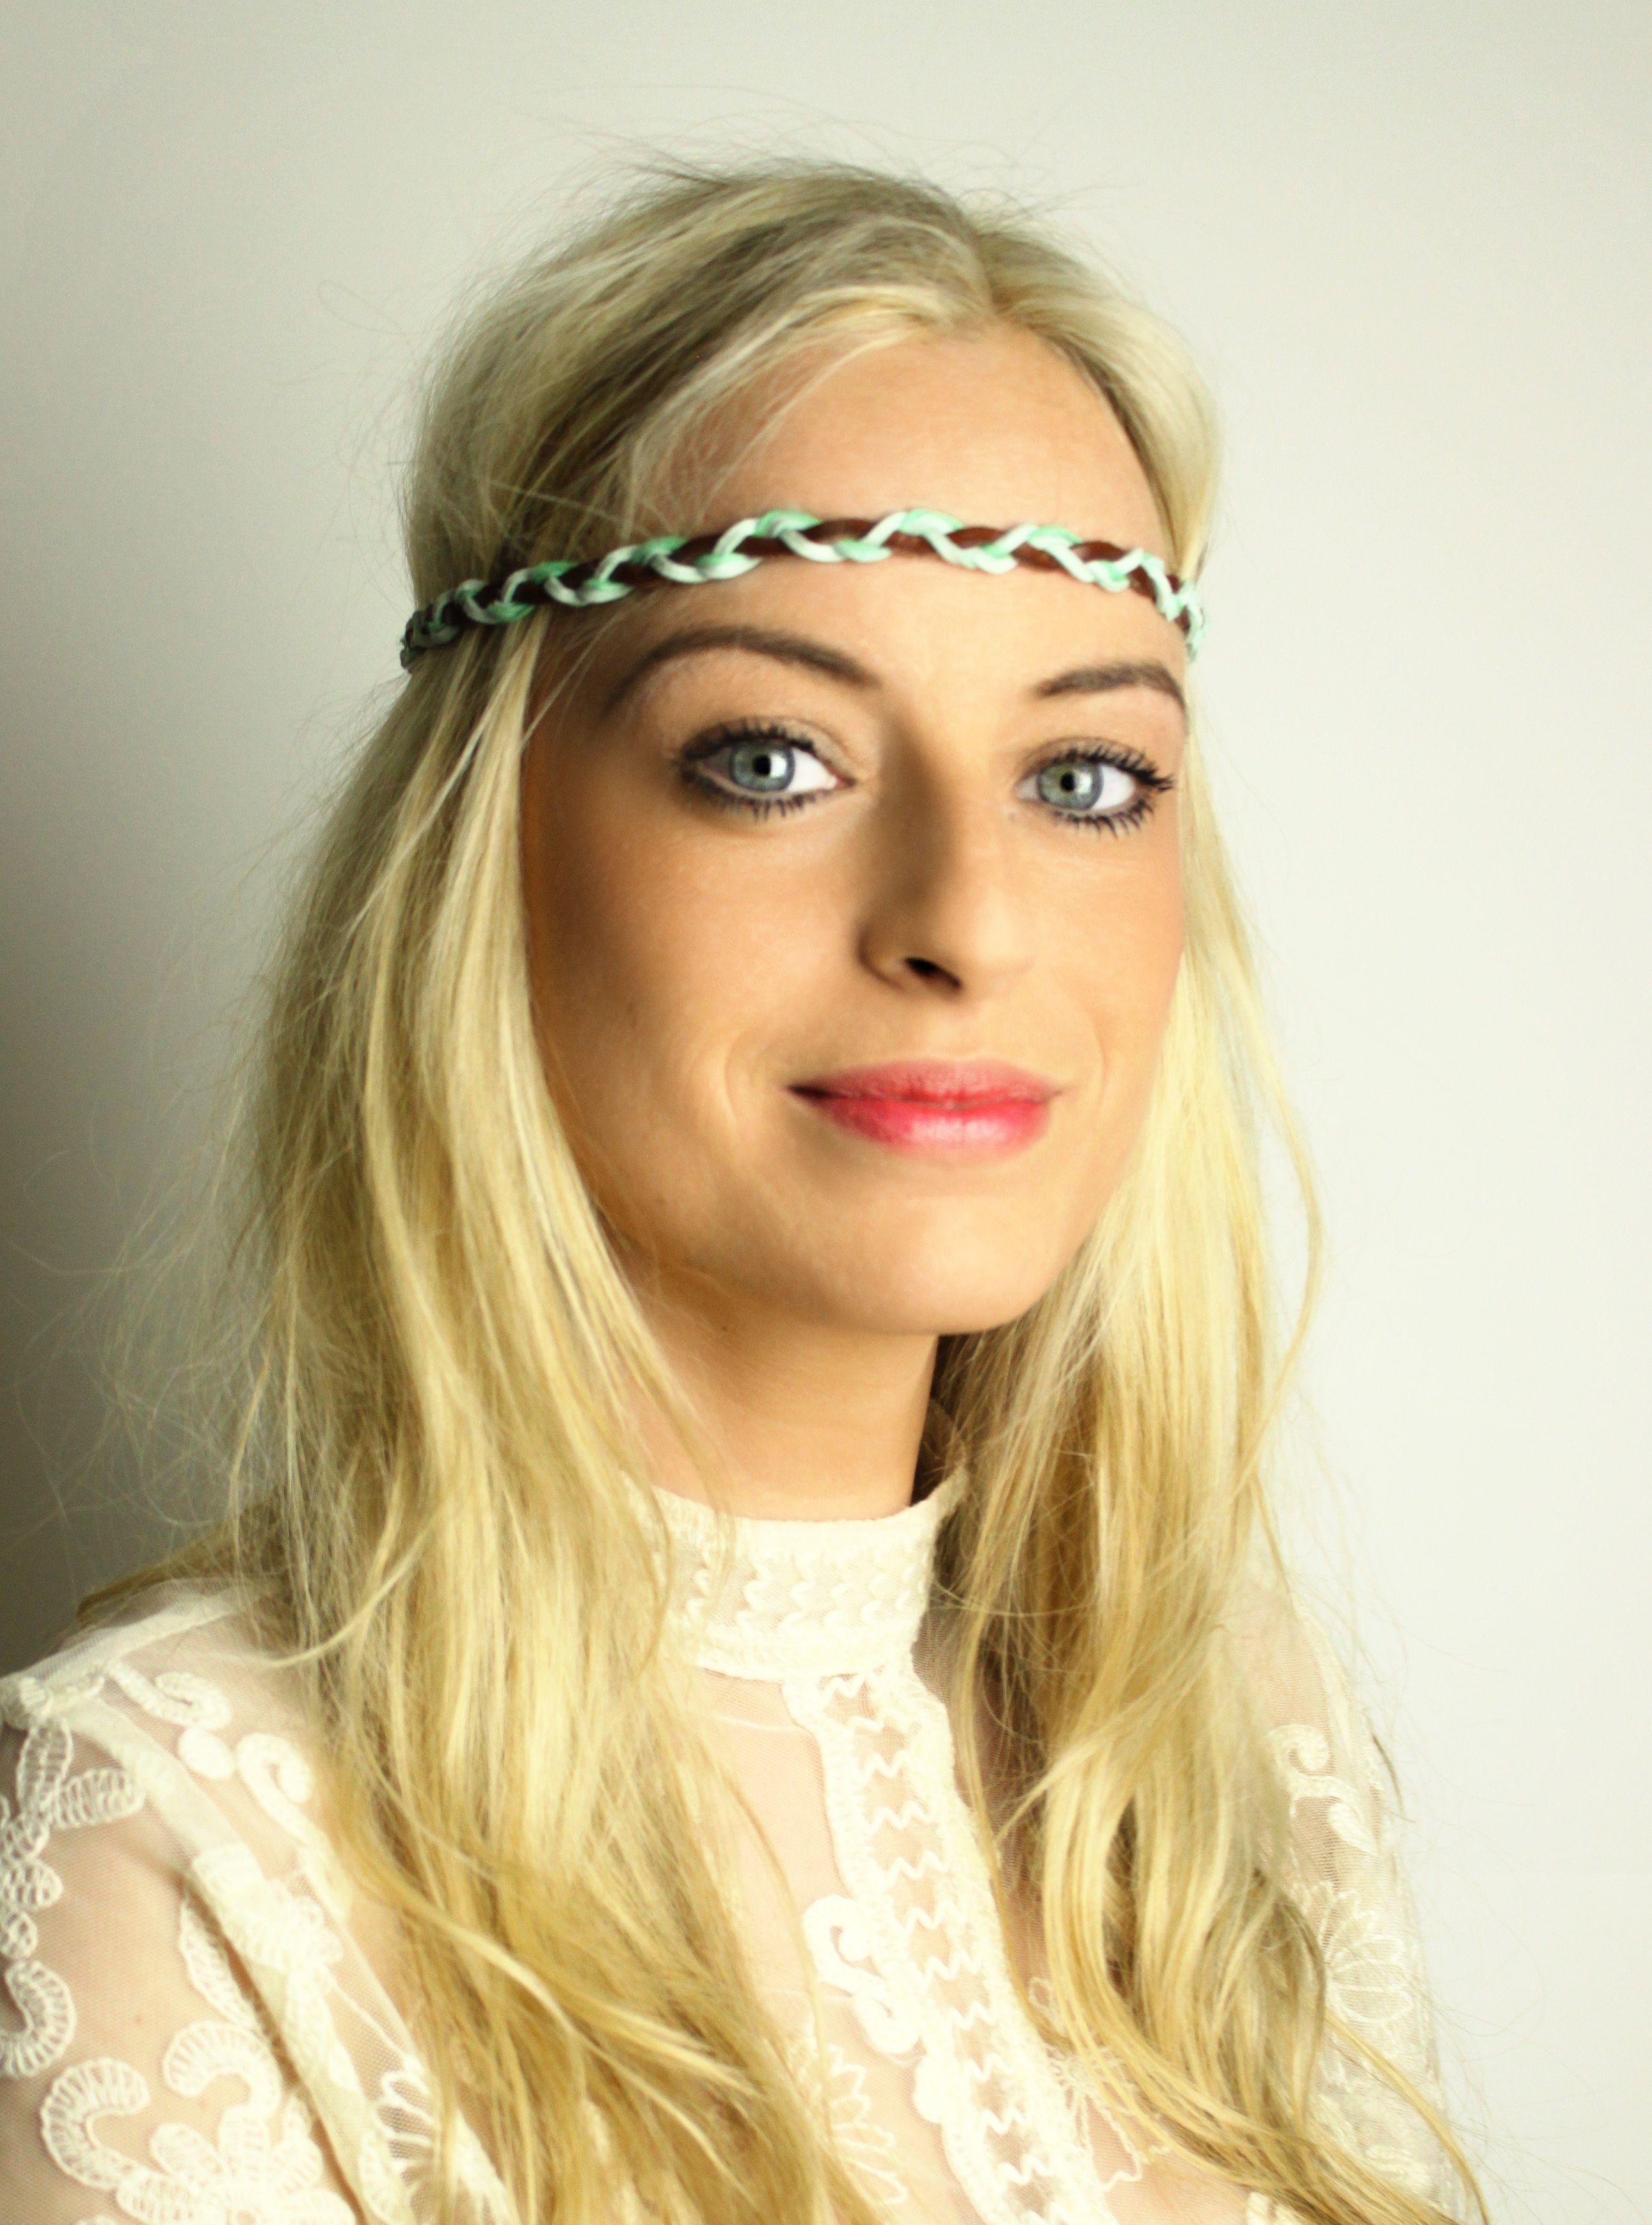 315ccbefbf5588 Geflochtenes Hippie Haarband mit echtem Leder   Hippie Go Lucky #haarband  #headband #hippie